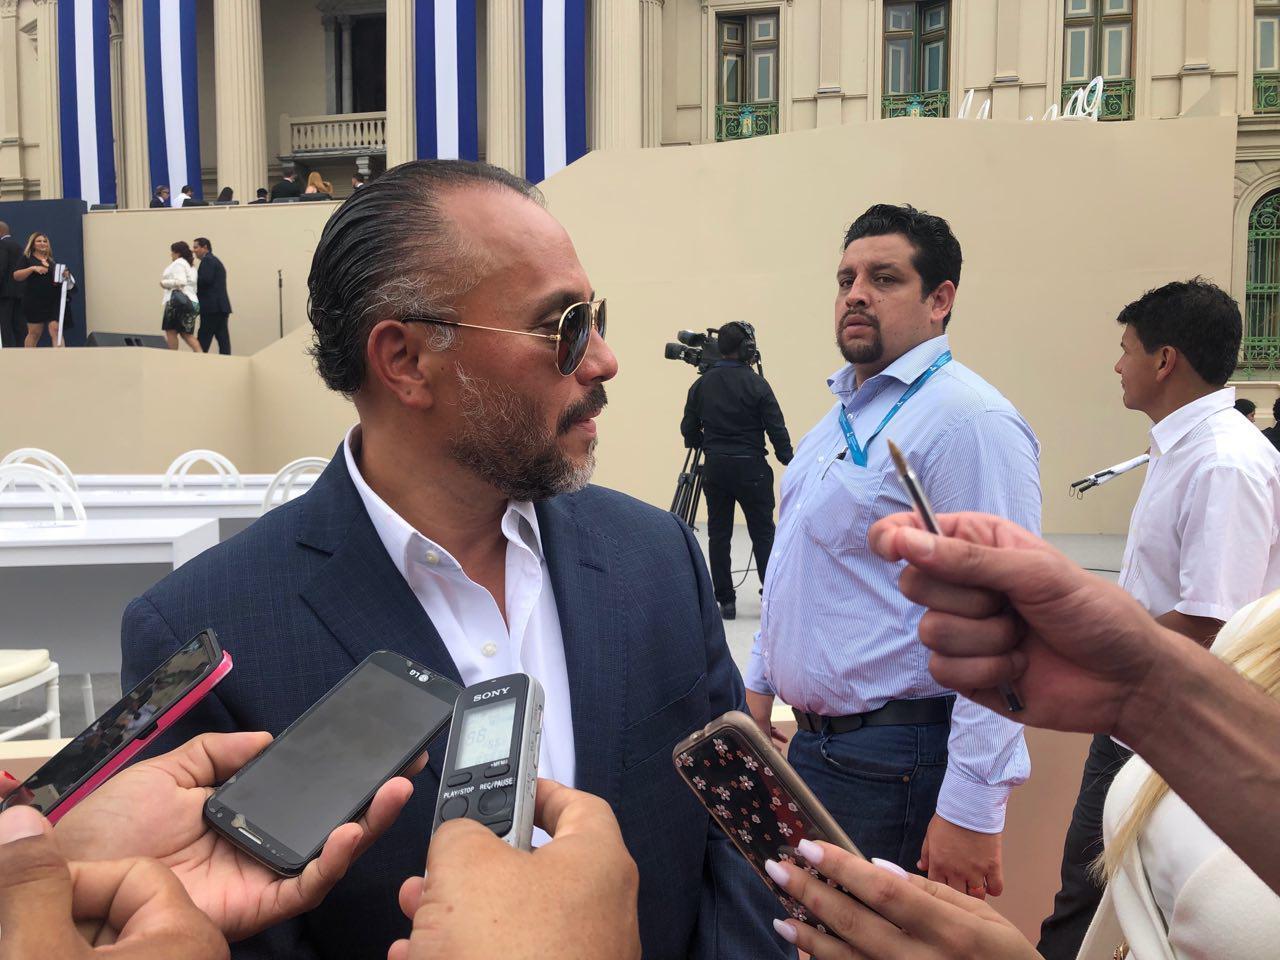 Ernesto Castro brinda declaraciones tras la finalización del acto de juramentación de Nayib Bukele. Foto de Gabriel Labrador.